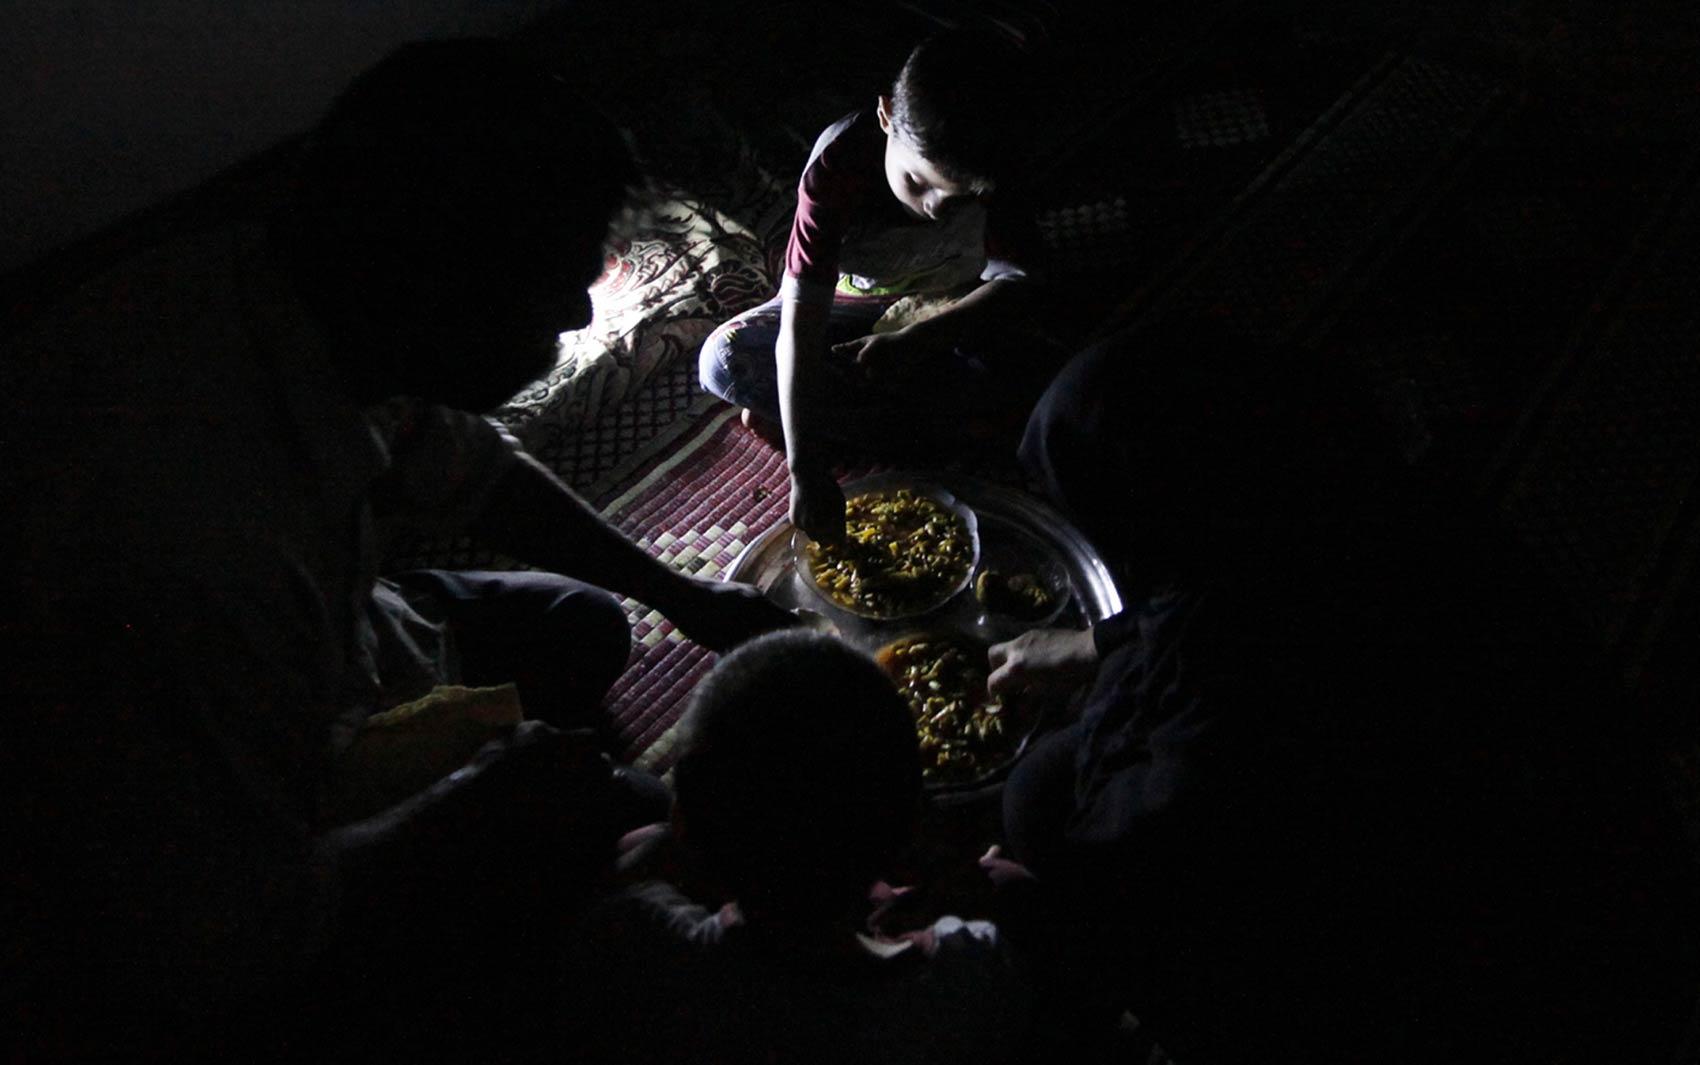 Aos 10 anos, o jovem Issa ajuda seu pai na fábrica trabalhando 10 horas por dia, folgando apenas às sextas. É comum que eles tenham refeições em família dentro da própria fábrica.